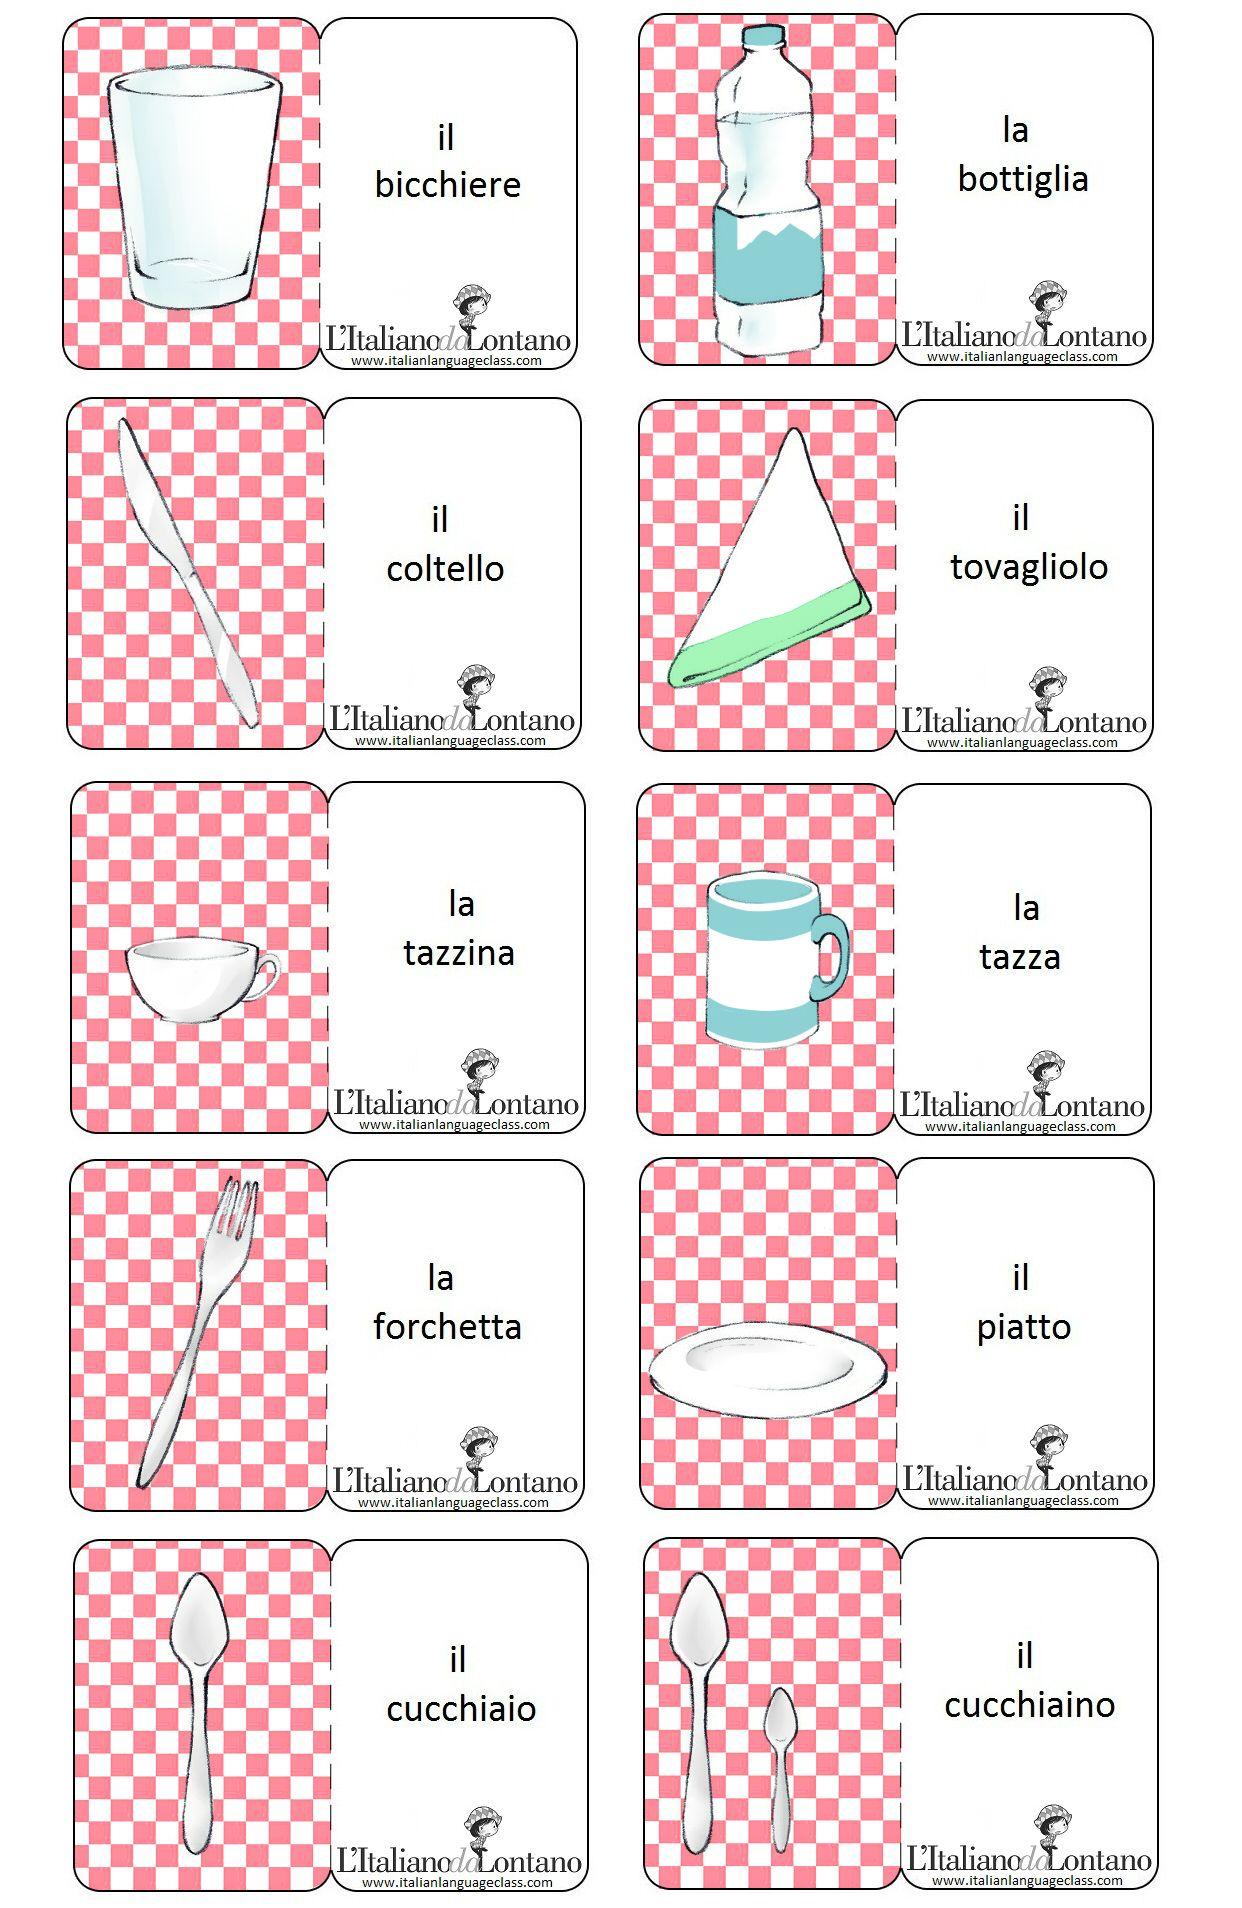 Aprendiendo italiano                                                                                                                                                     Más